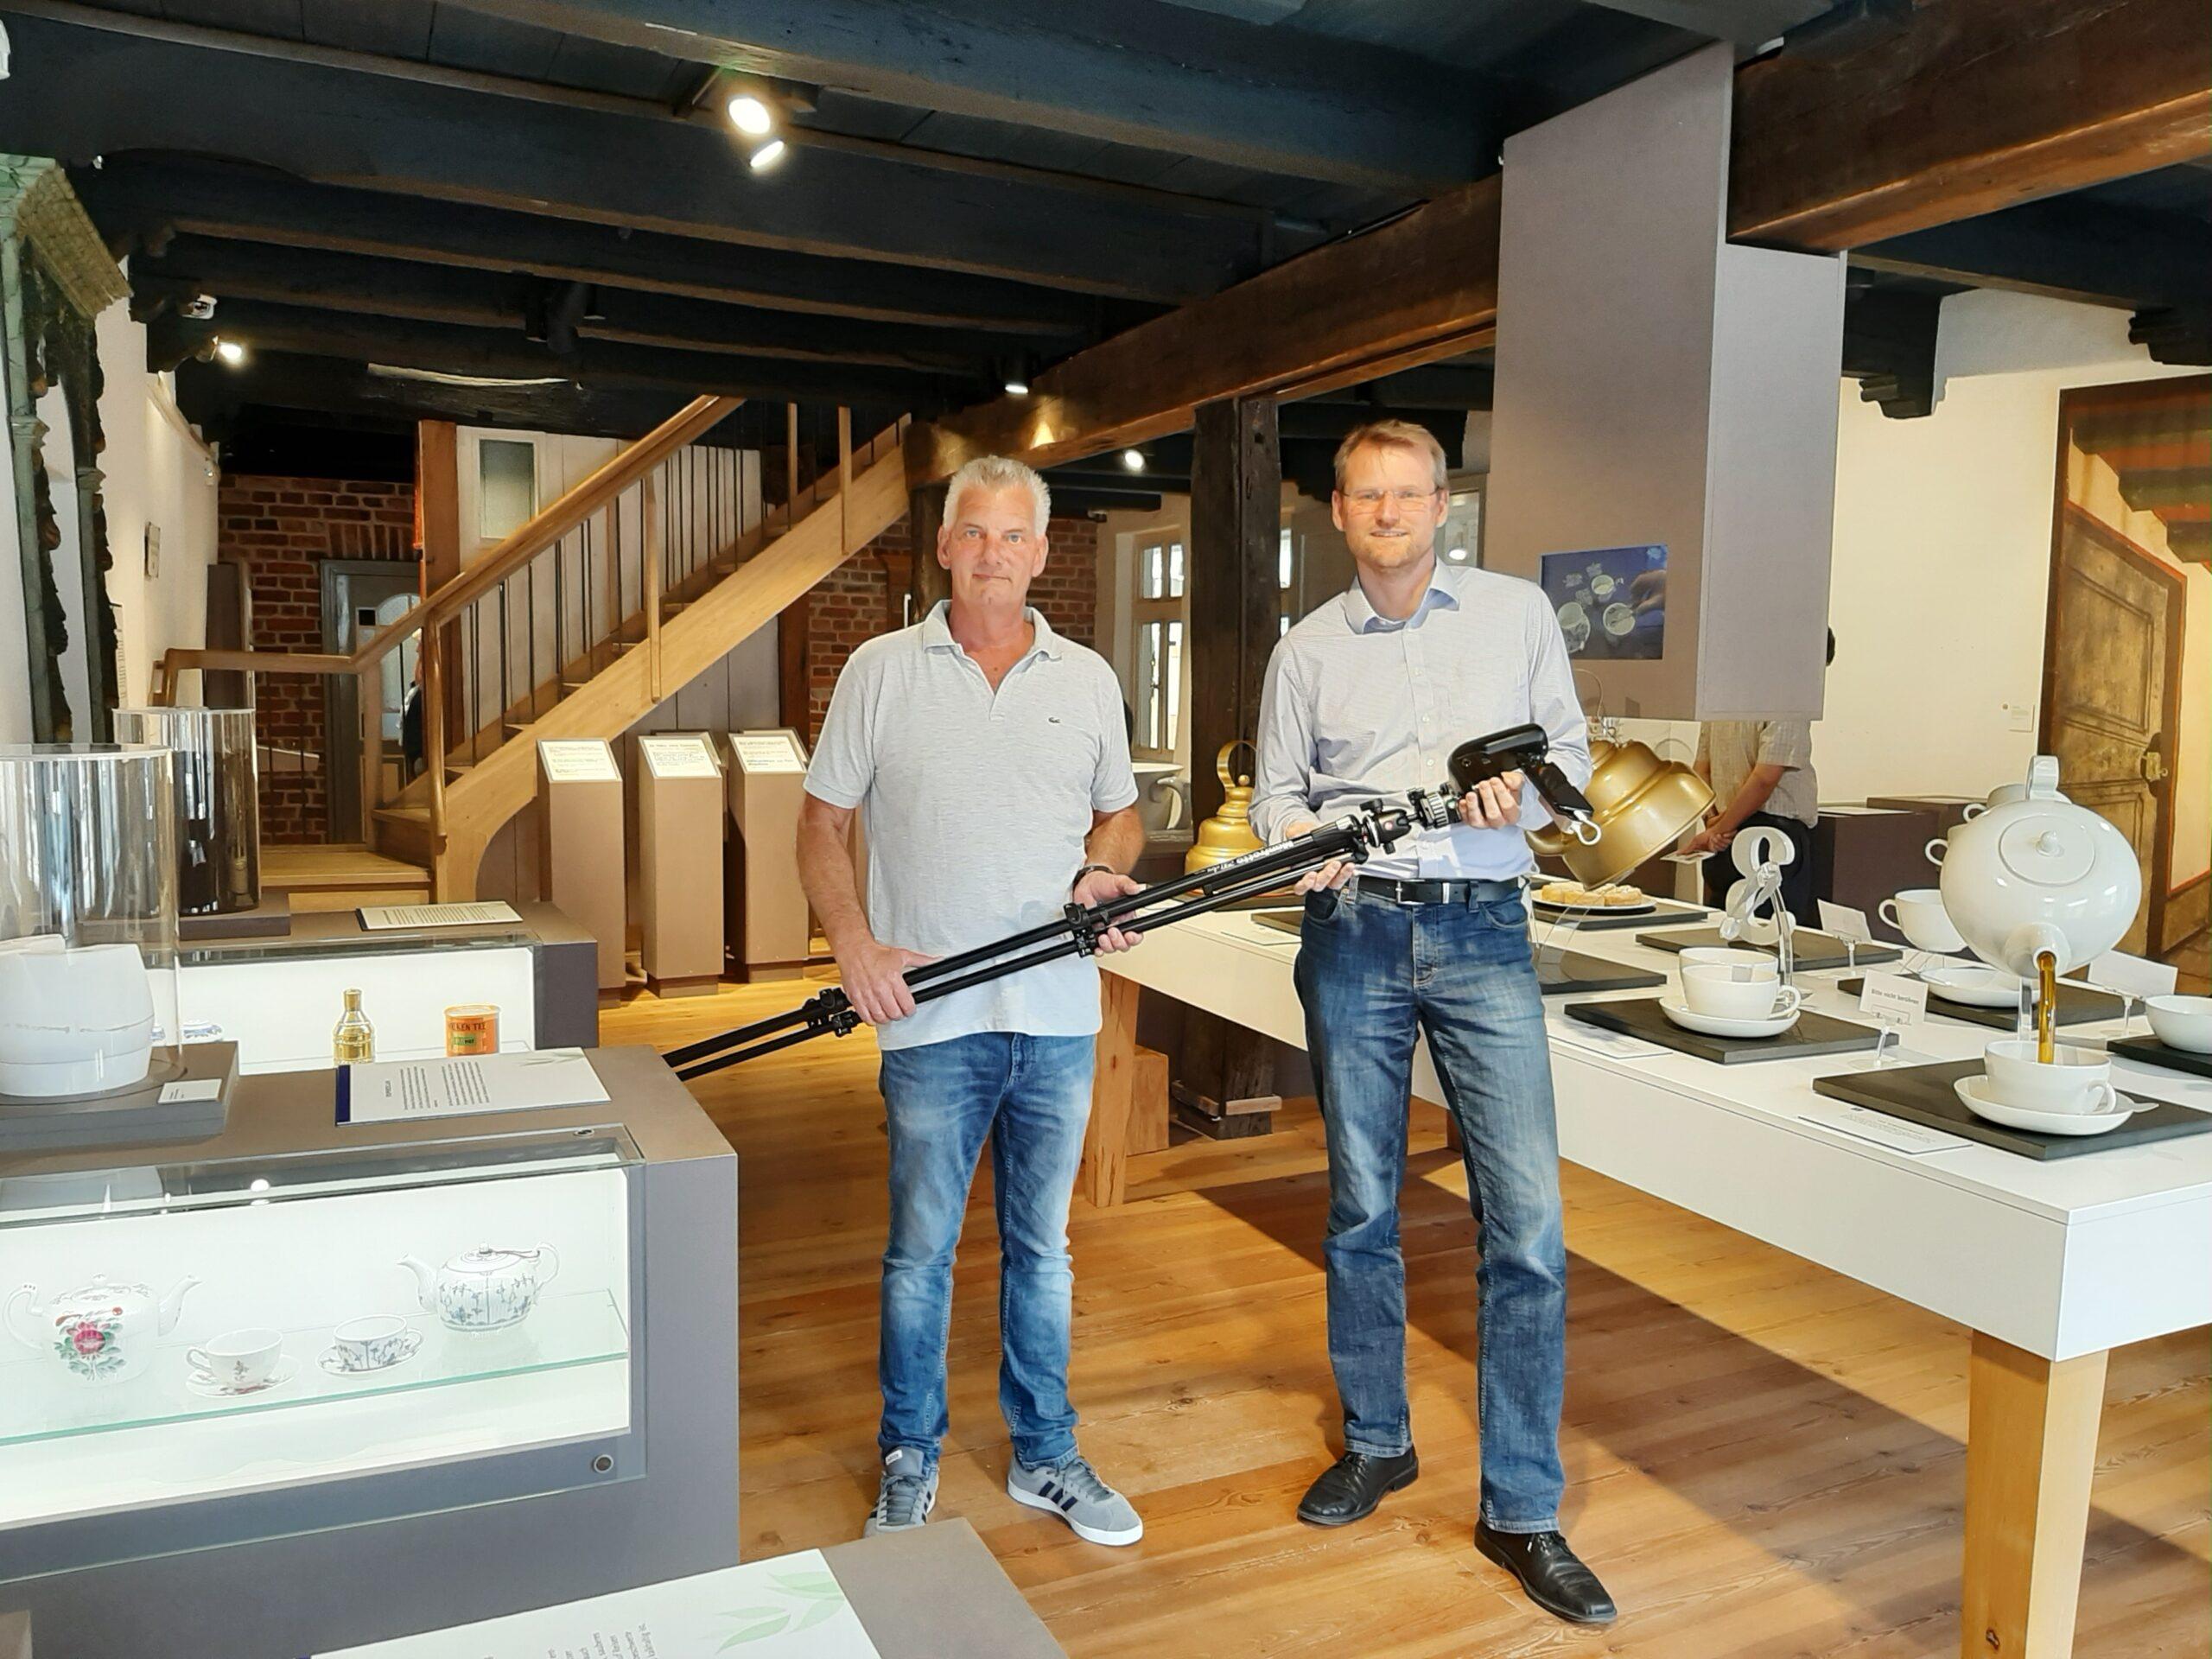 Dr. Matthias Stenger, Museumsleiter Ostfriesisches Teemuseum Norden und Jens Briese, Geschäftsführer 3D BLICKWINKEL Briese GmbH im Teemuseum mit der genutzten Kameratechnik nach Durchführung der 3D-Aufnahmen.